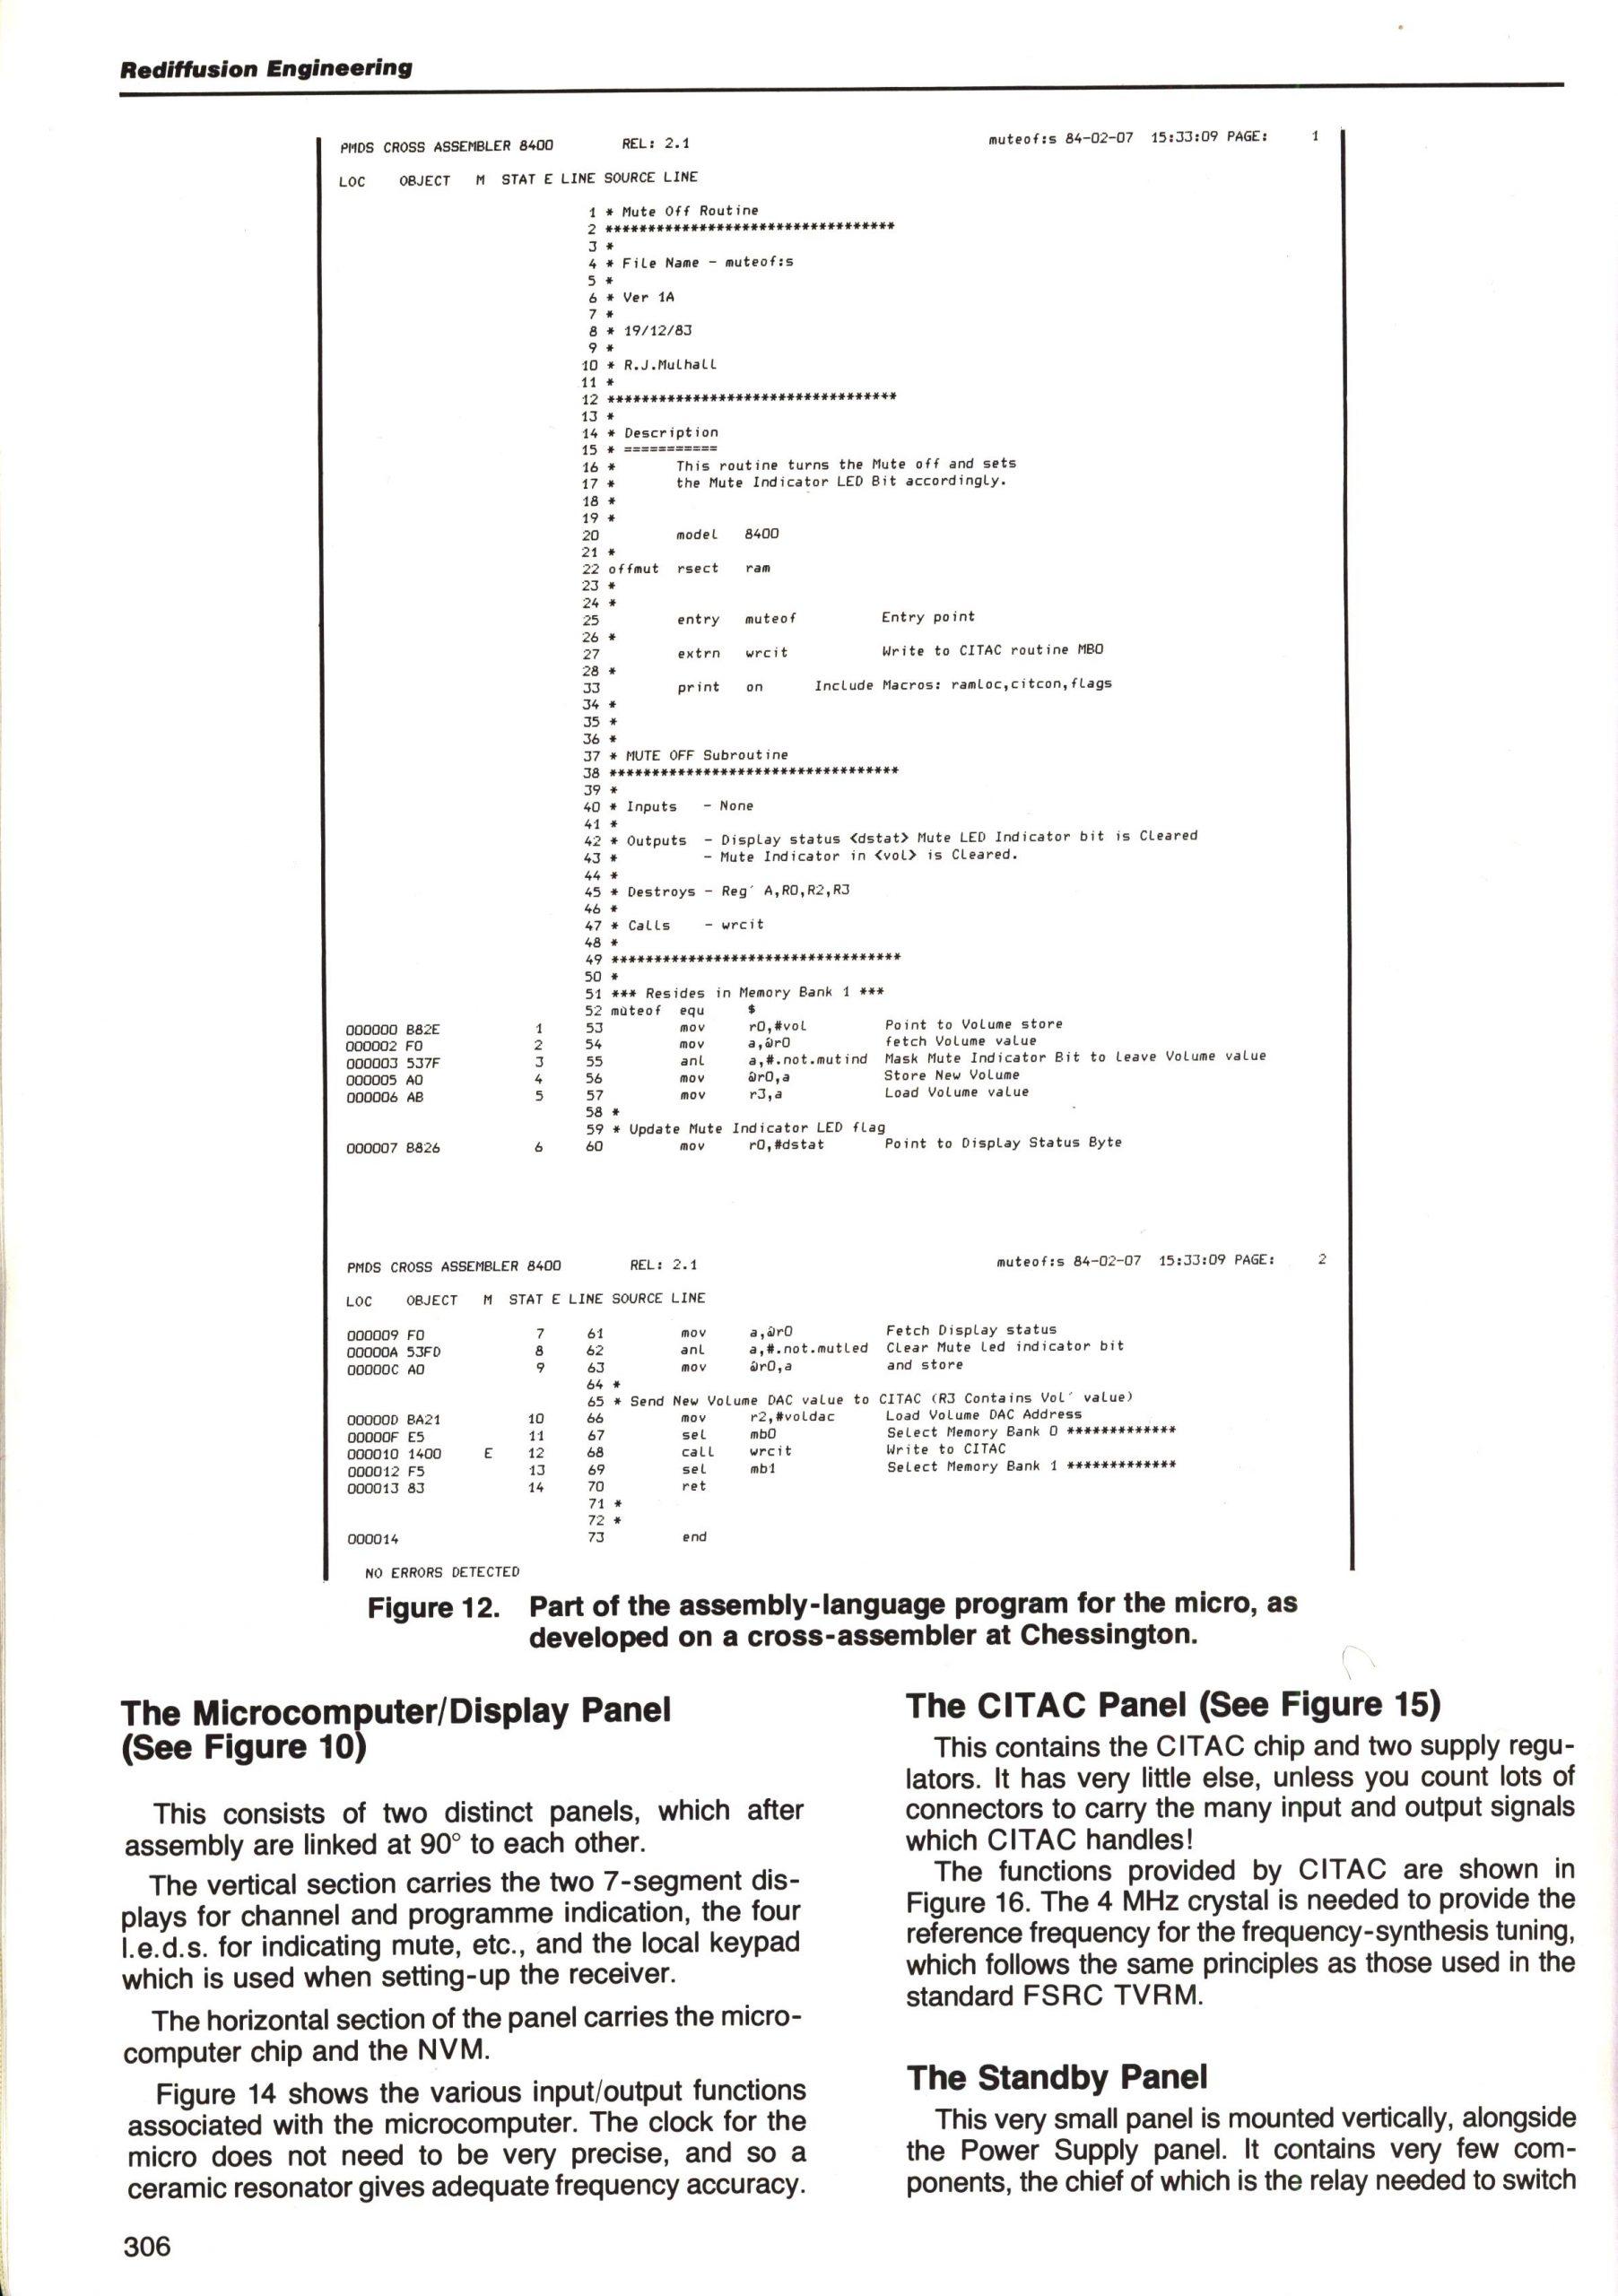 Rediffusion CITAC (MK4A) 27